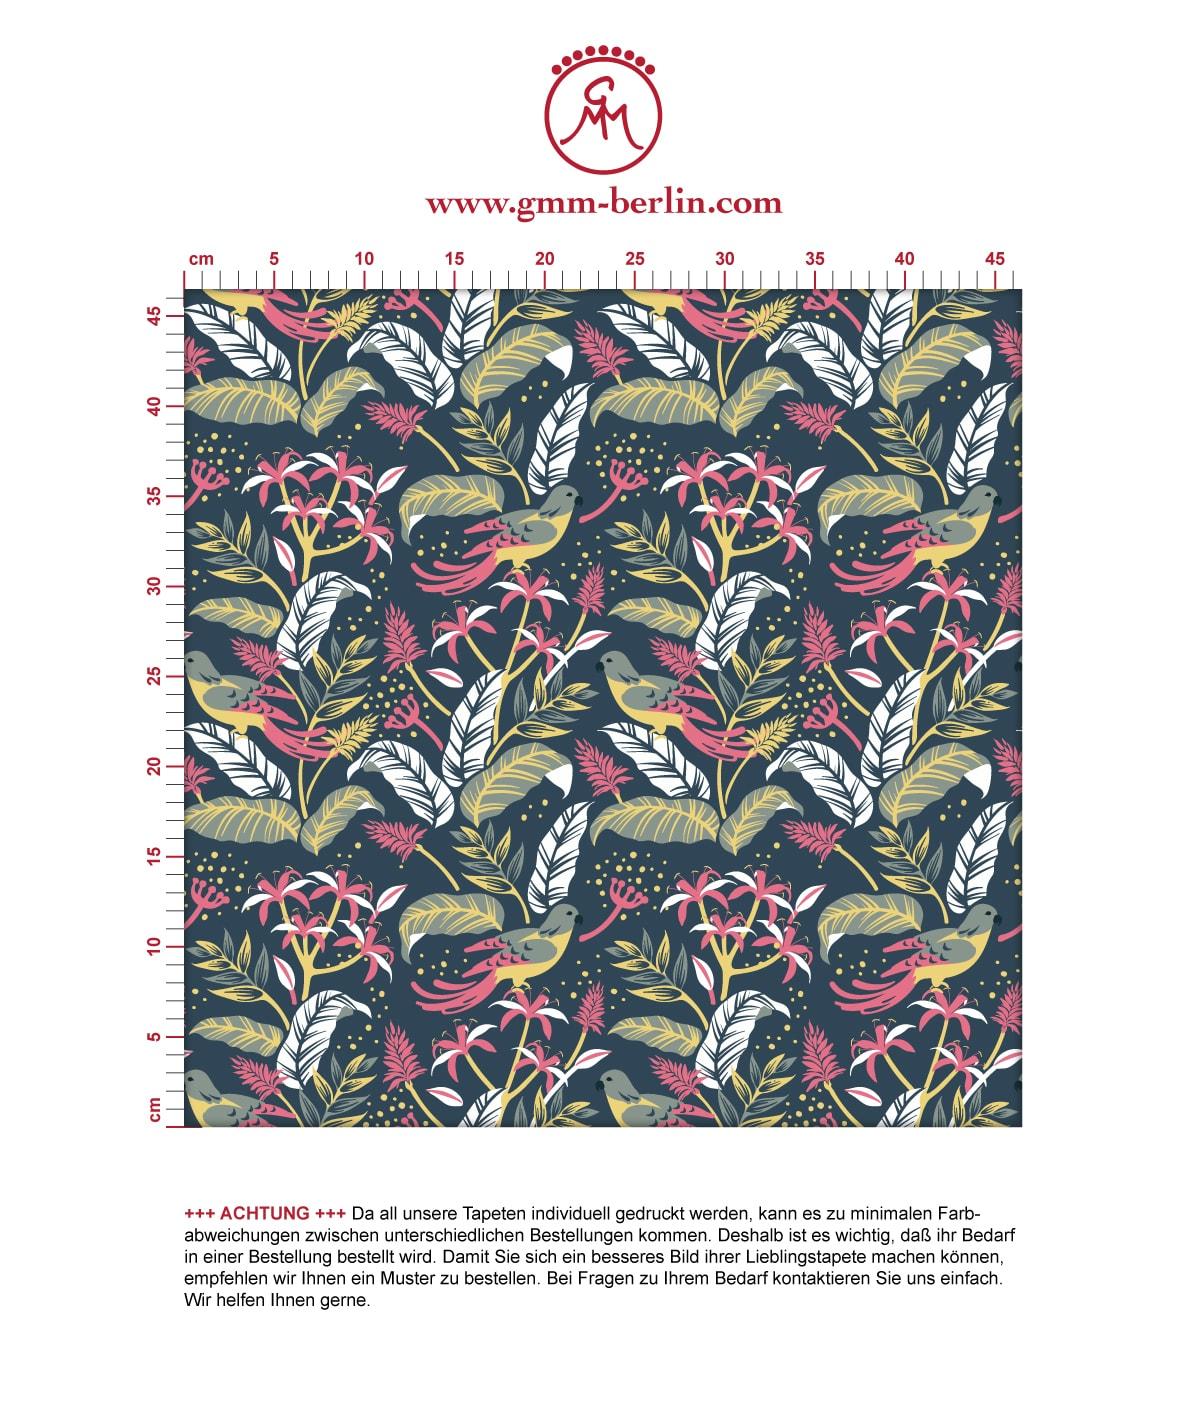 """Tropische Tapete """"Wild Birds"""" mit Dschungel Vögeln, petrol blaue Vlies-Tapete Wohnakzent für Wohnzimmer 2"""